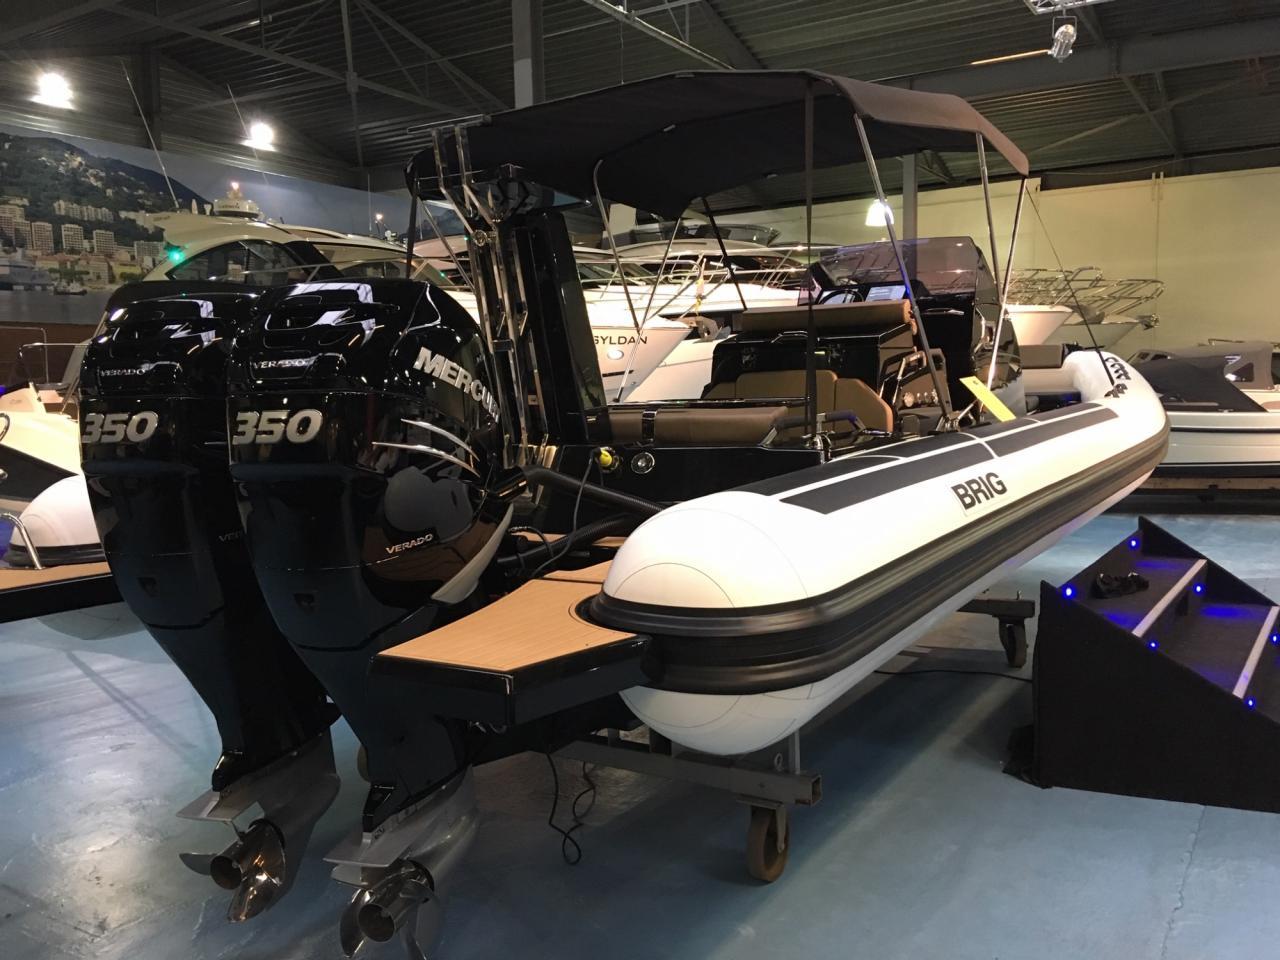 Luxe Brig Eagle 10 rib met 2x Mercury Verado 350 pk! 5